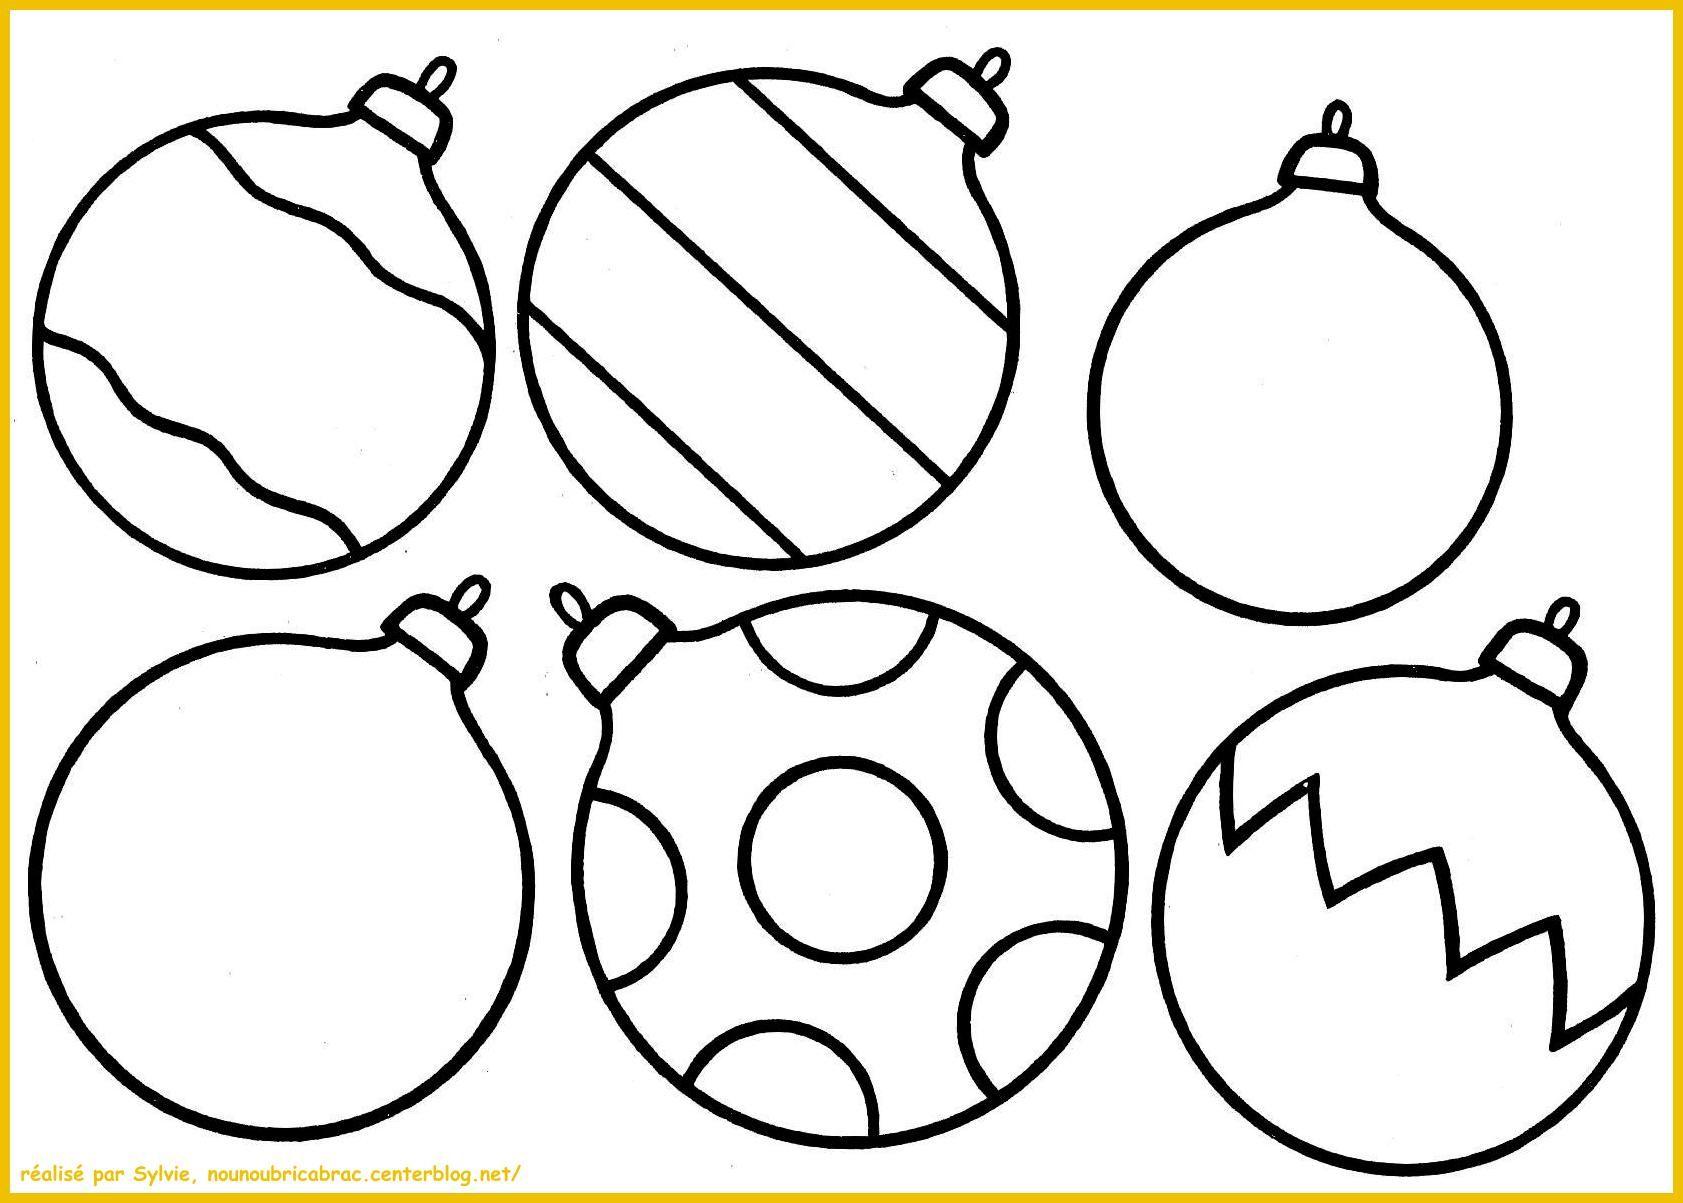 Boules de Noël à colorier  Coloriage boule de noel, Coloriage